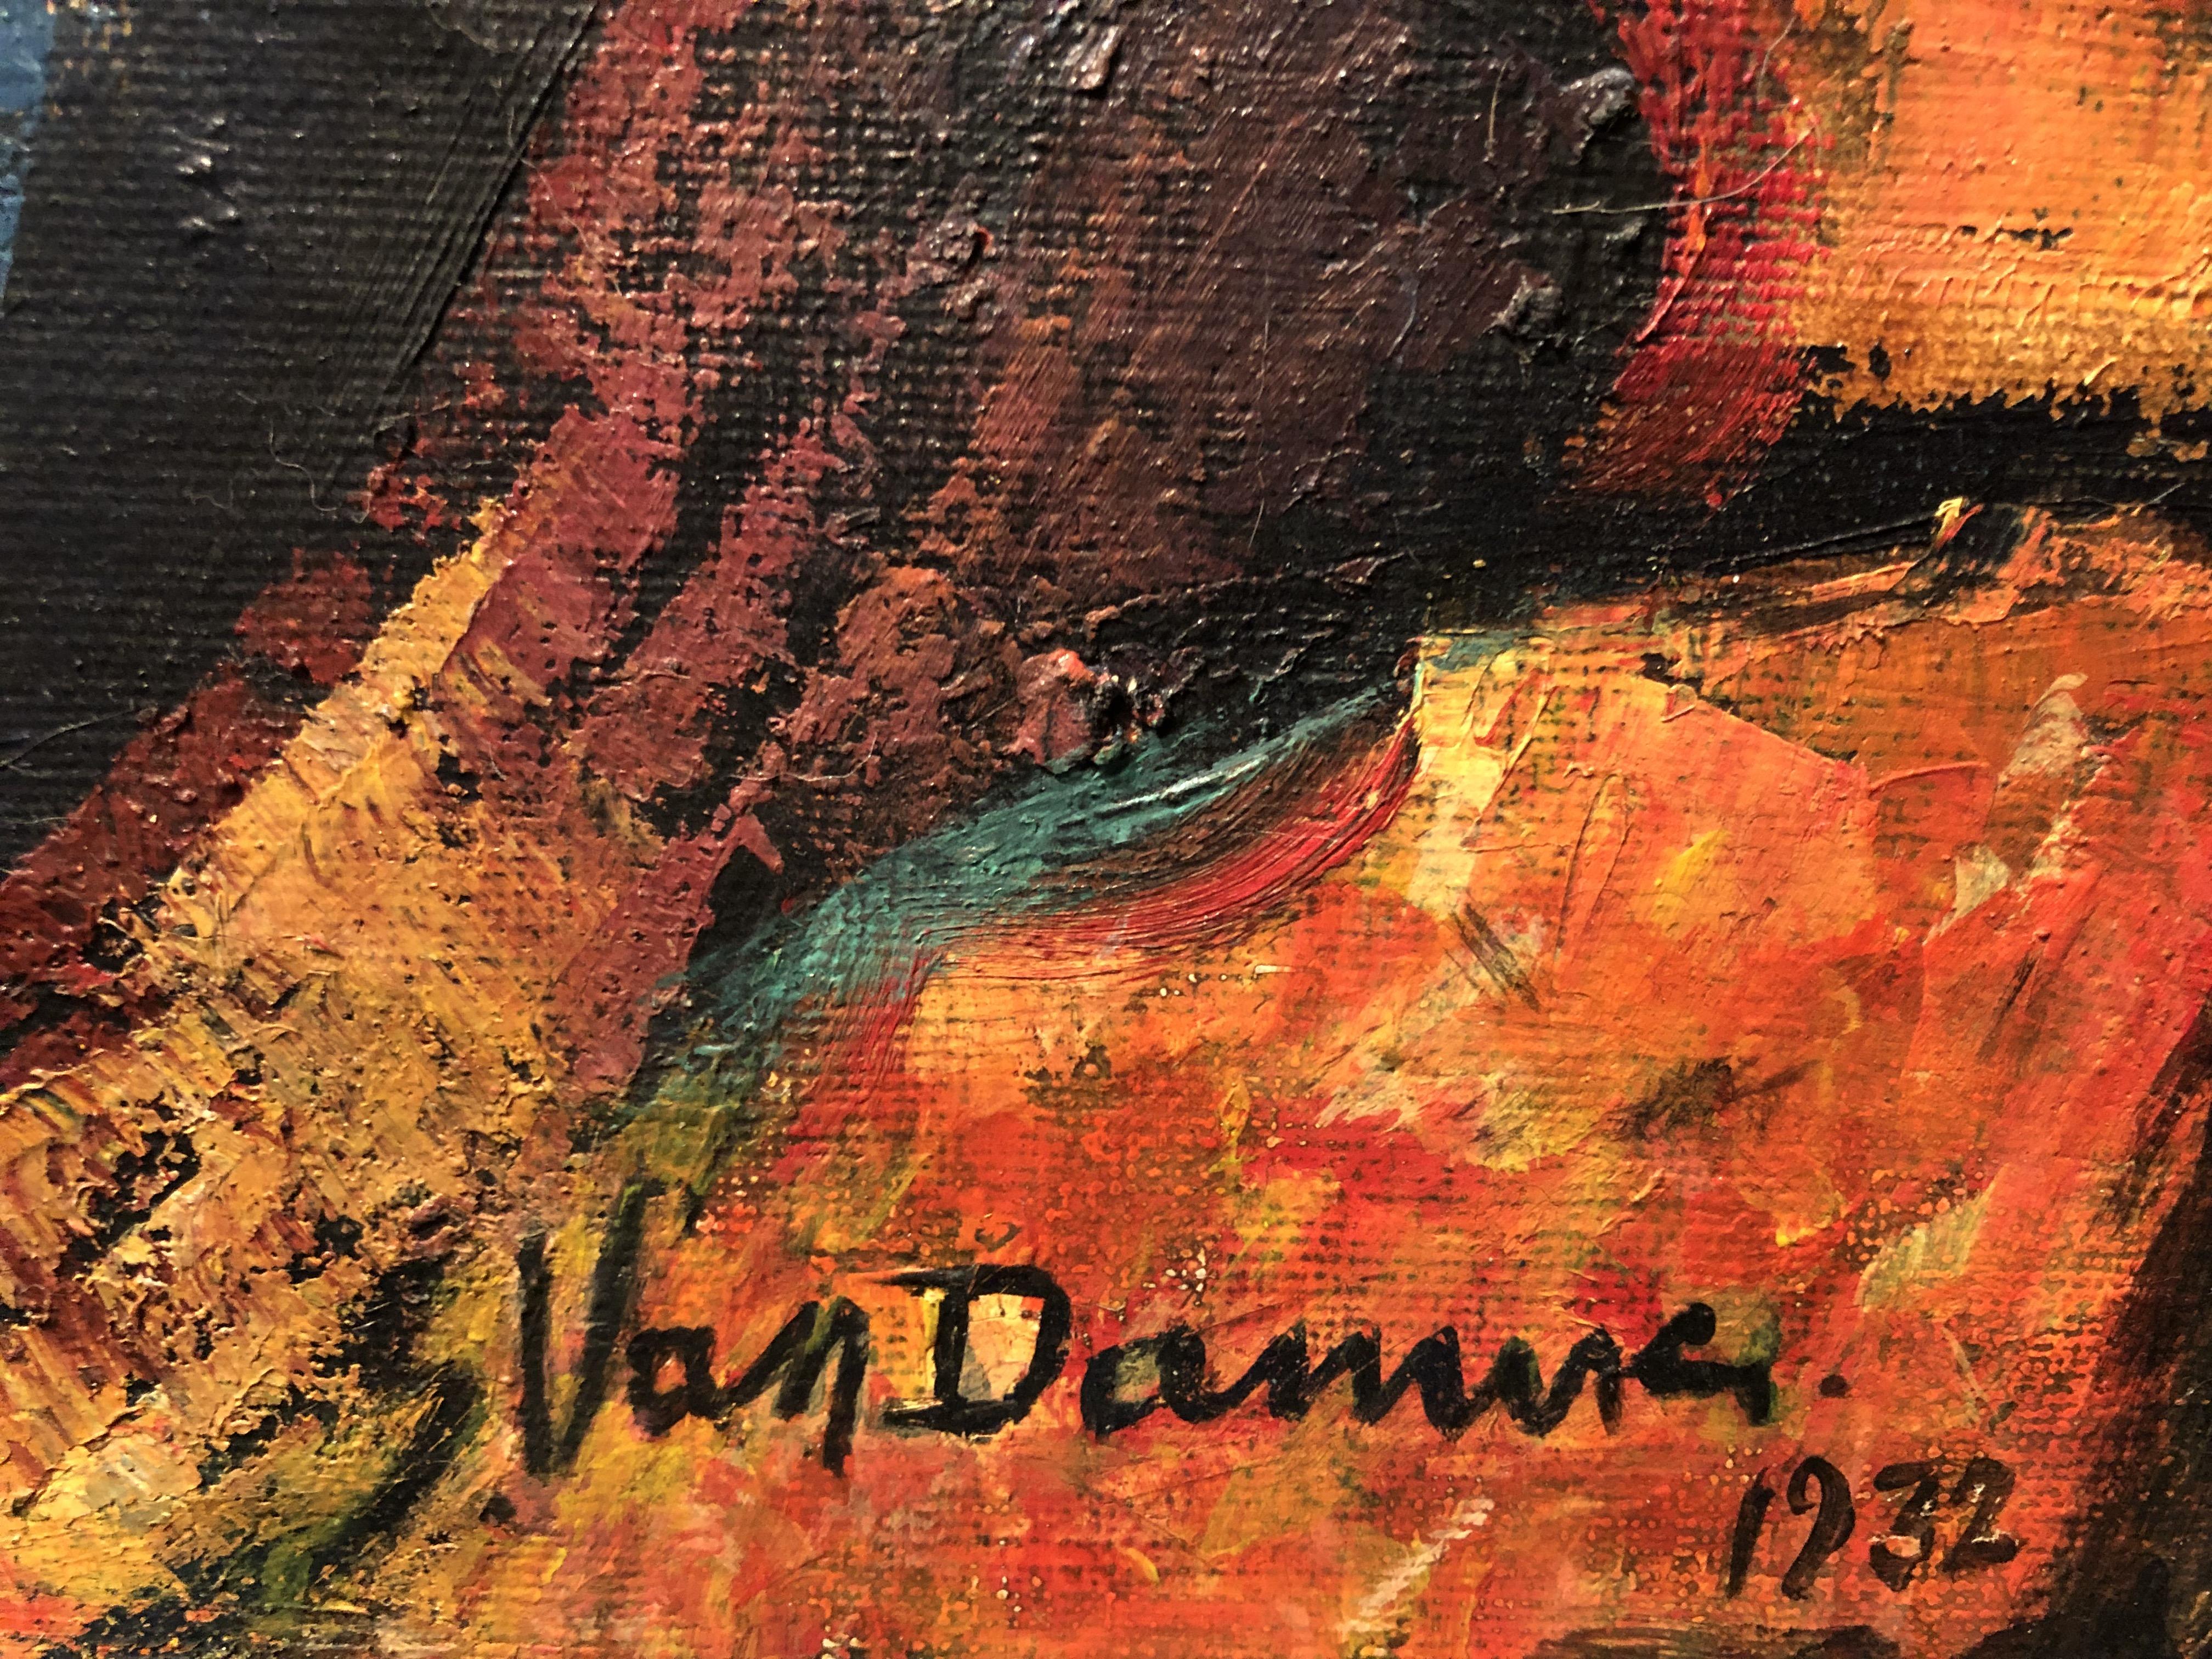 Suzanne Van Damme